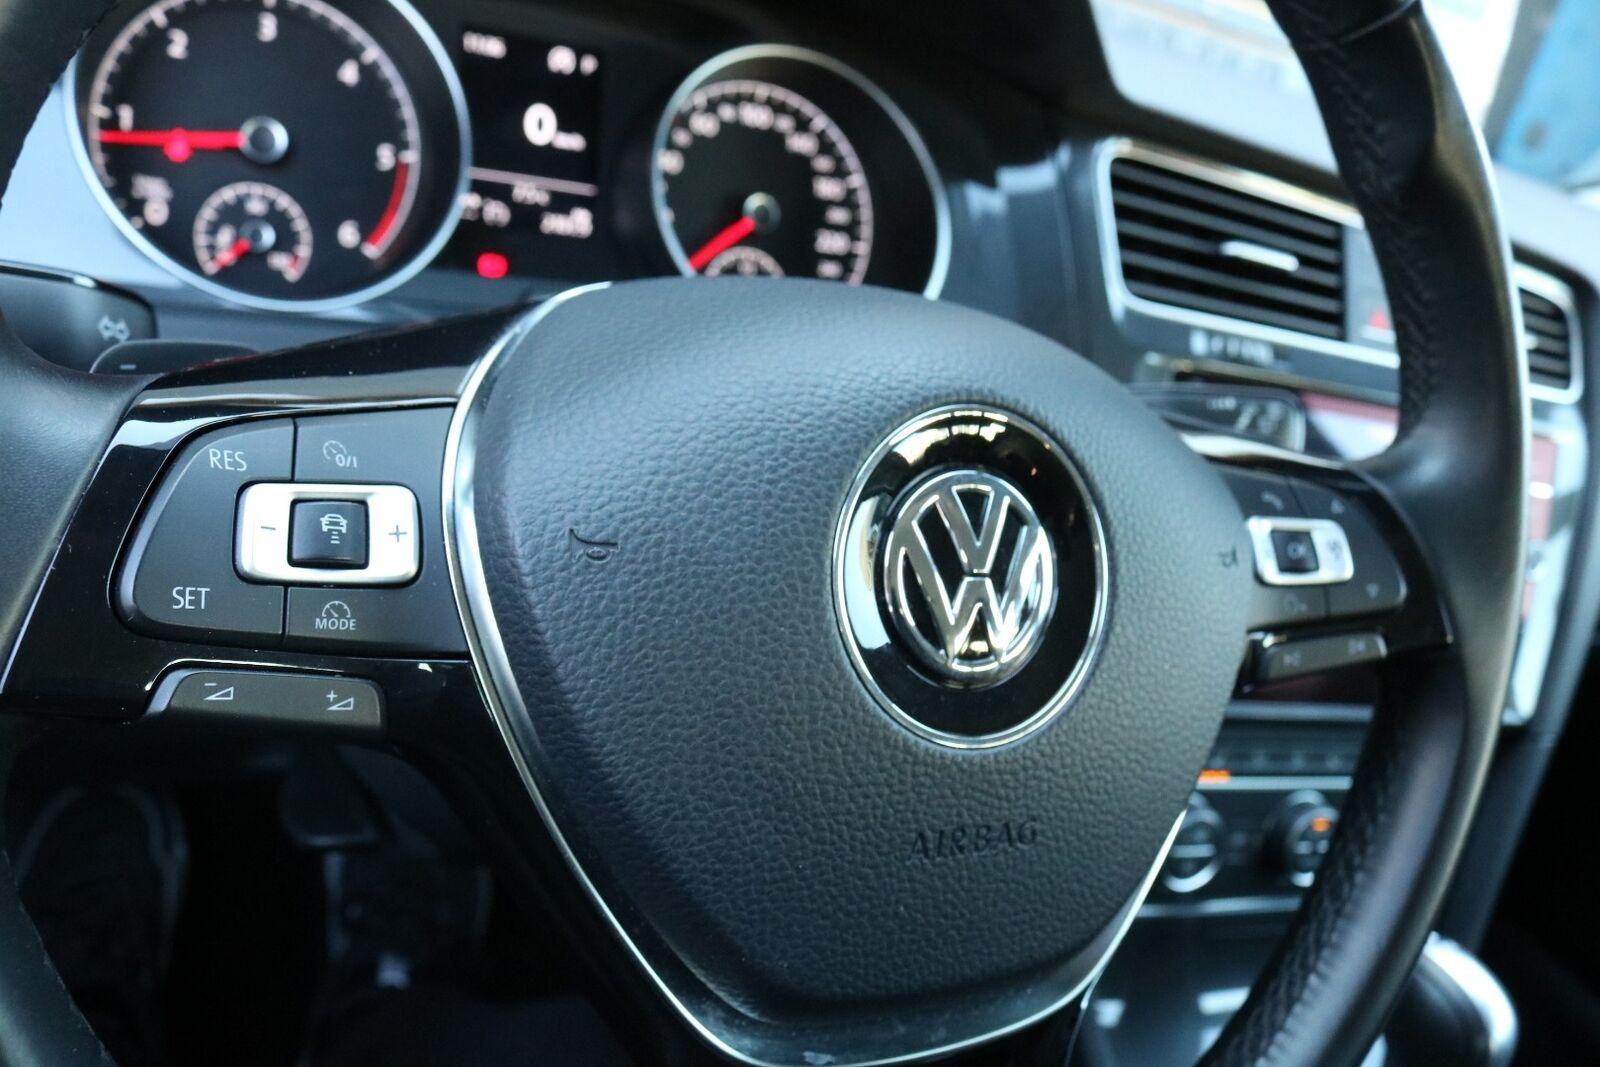 VW Golf VII TDi 115 Comfortline DSG